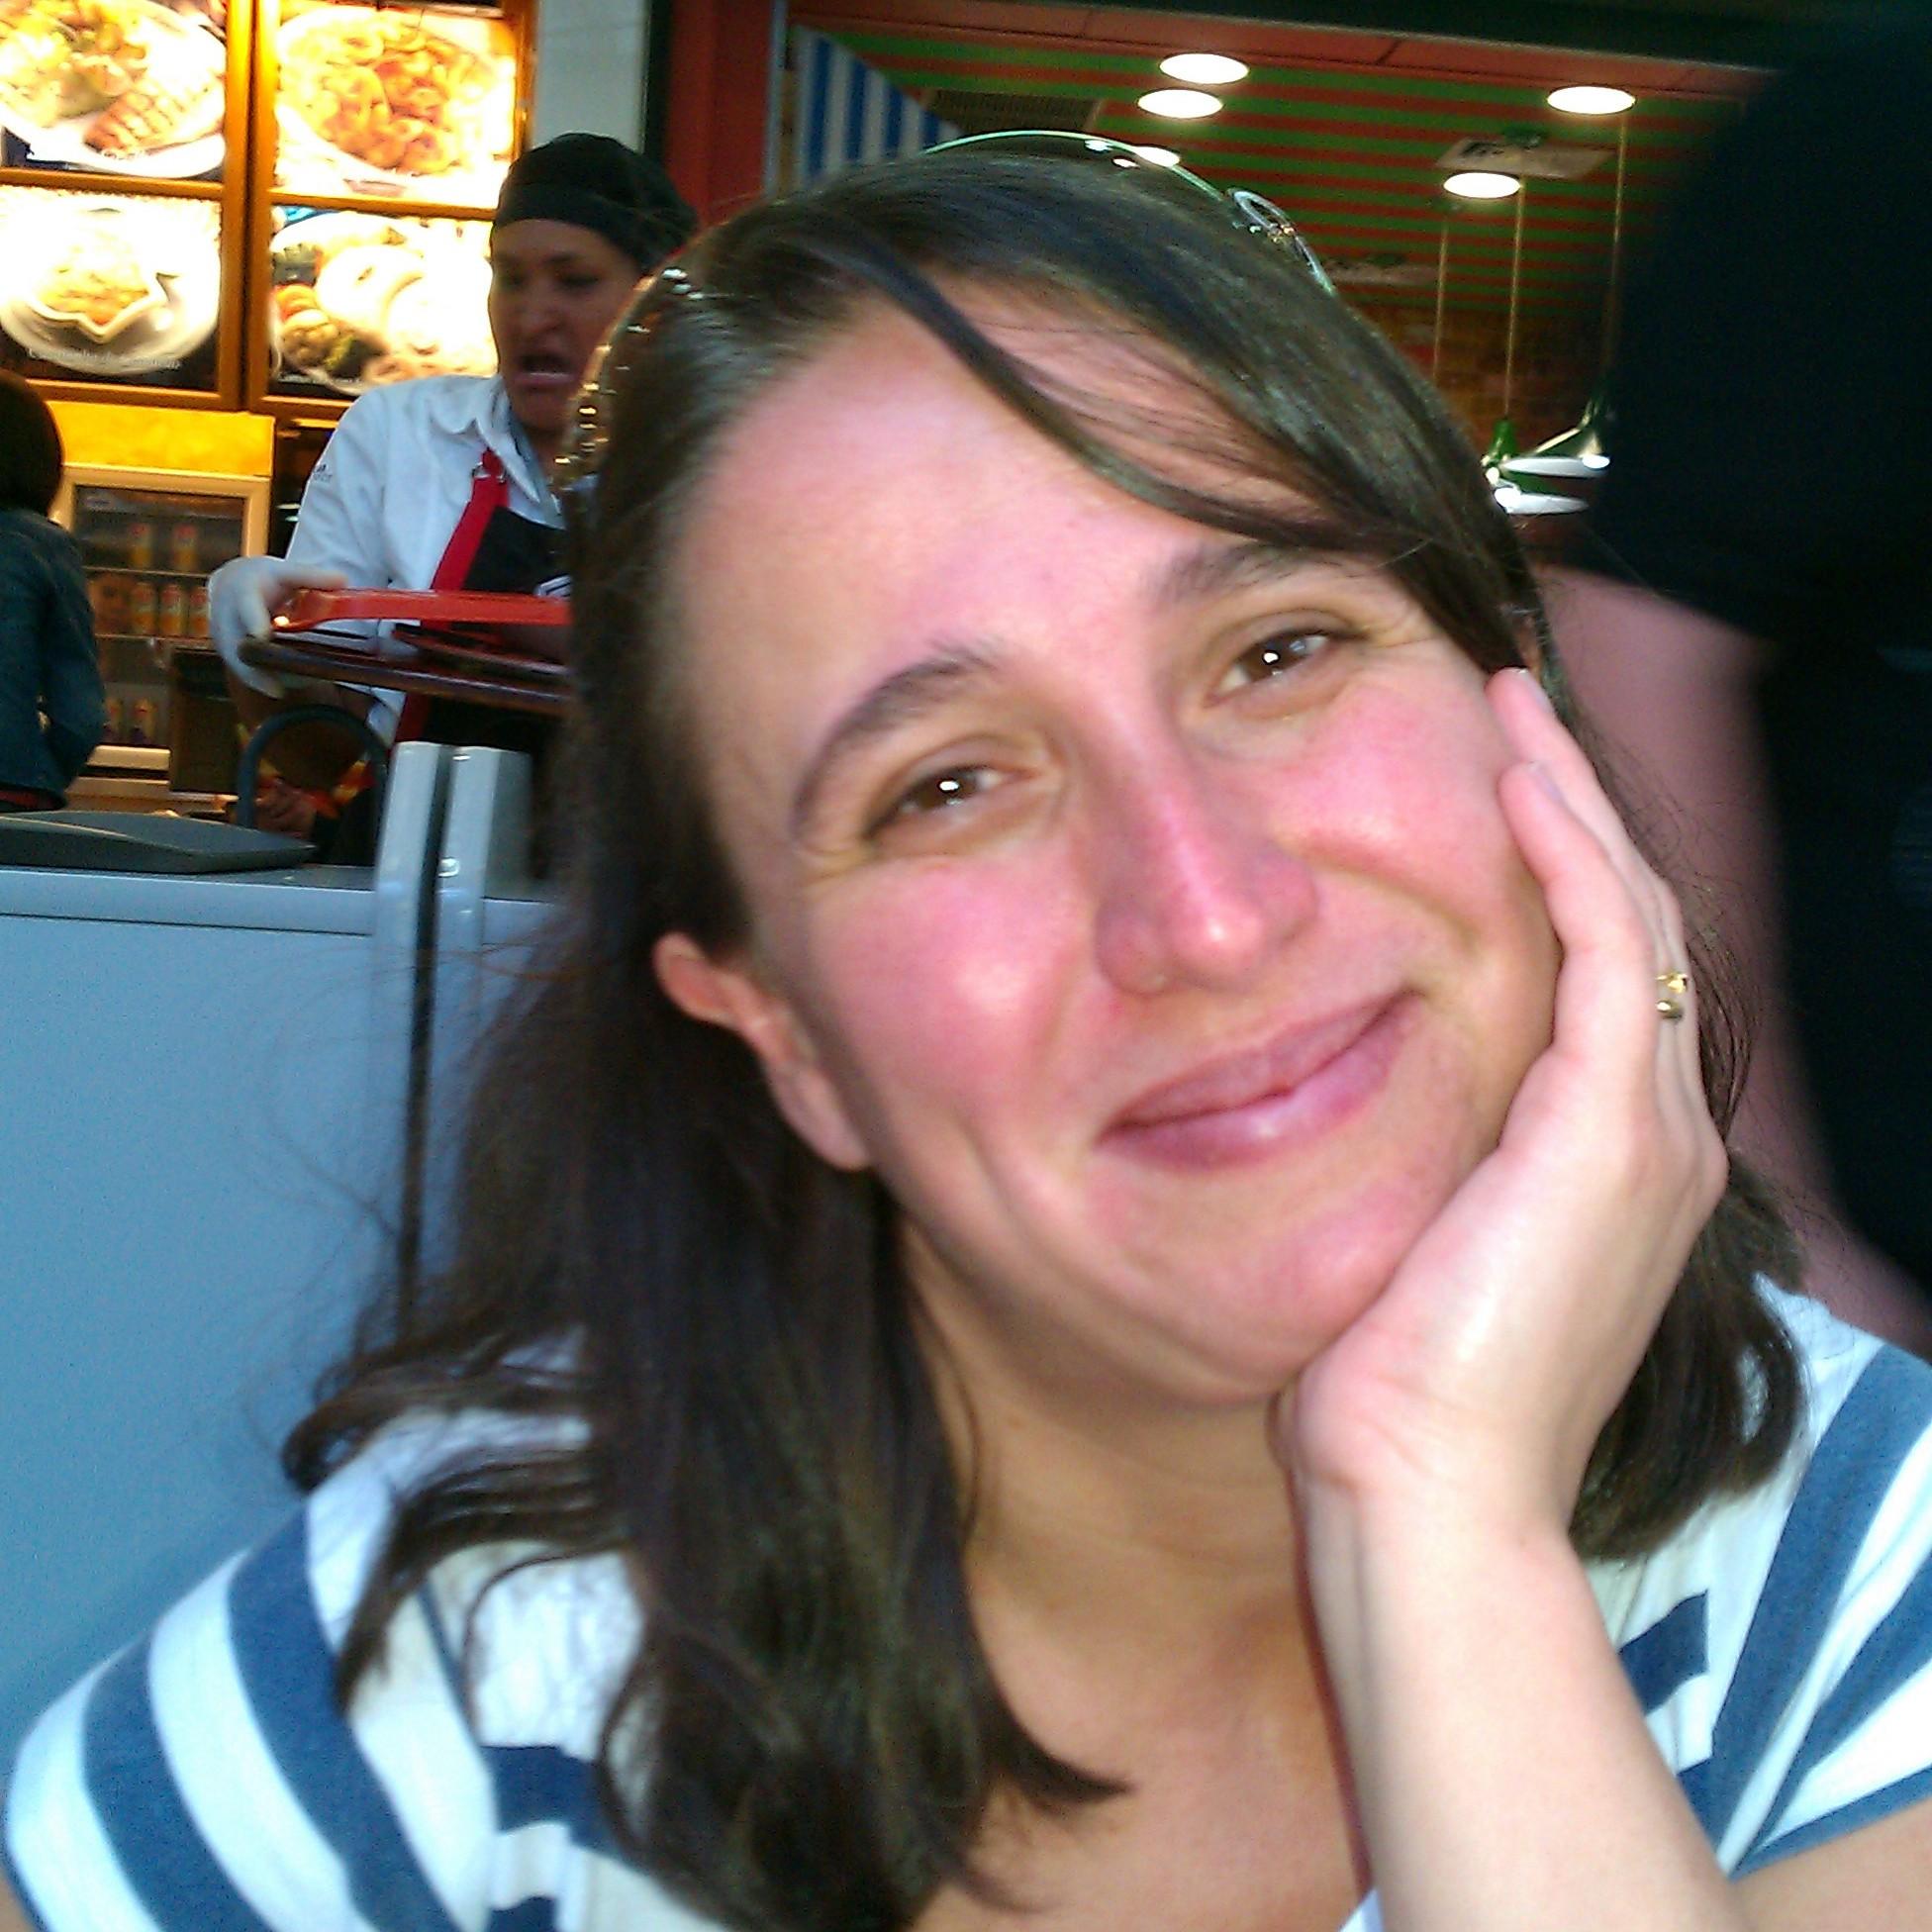 Giselle Isabel de Oliveira